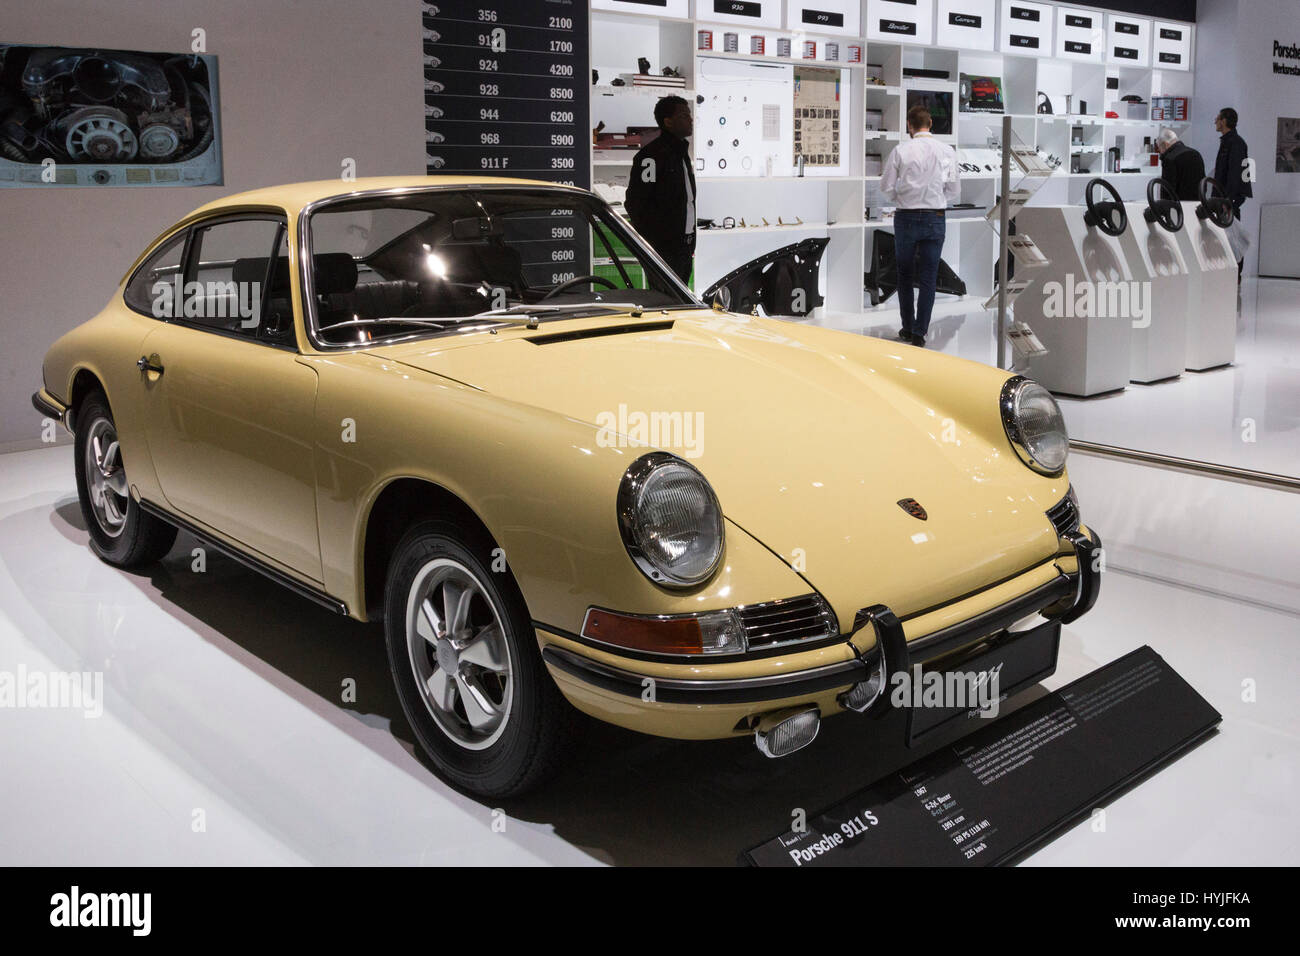 Essen, Germany. 5th Apr, 2017. 1967 Porsche 911 S. Press preview of the 29th Techno-Classica motor show in Essen, - Stock Image